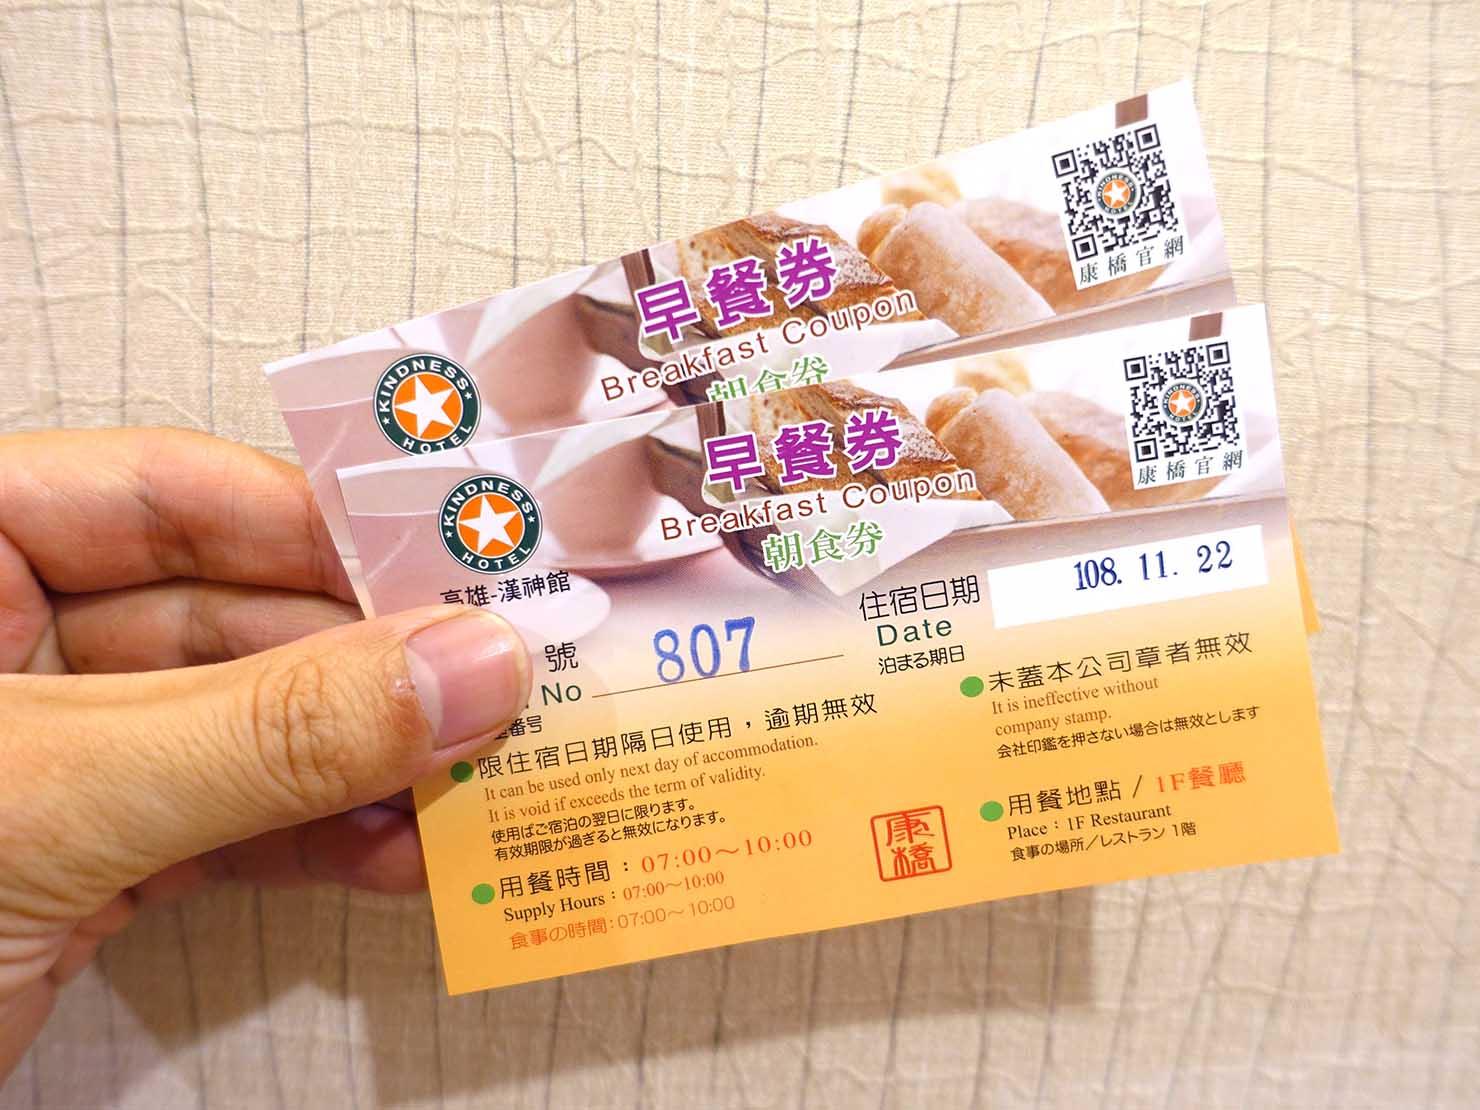 高雄のおすすめチェーンホテル「康橋商旅 Kindness Hotel(漢神館)」の朝食チケット